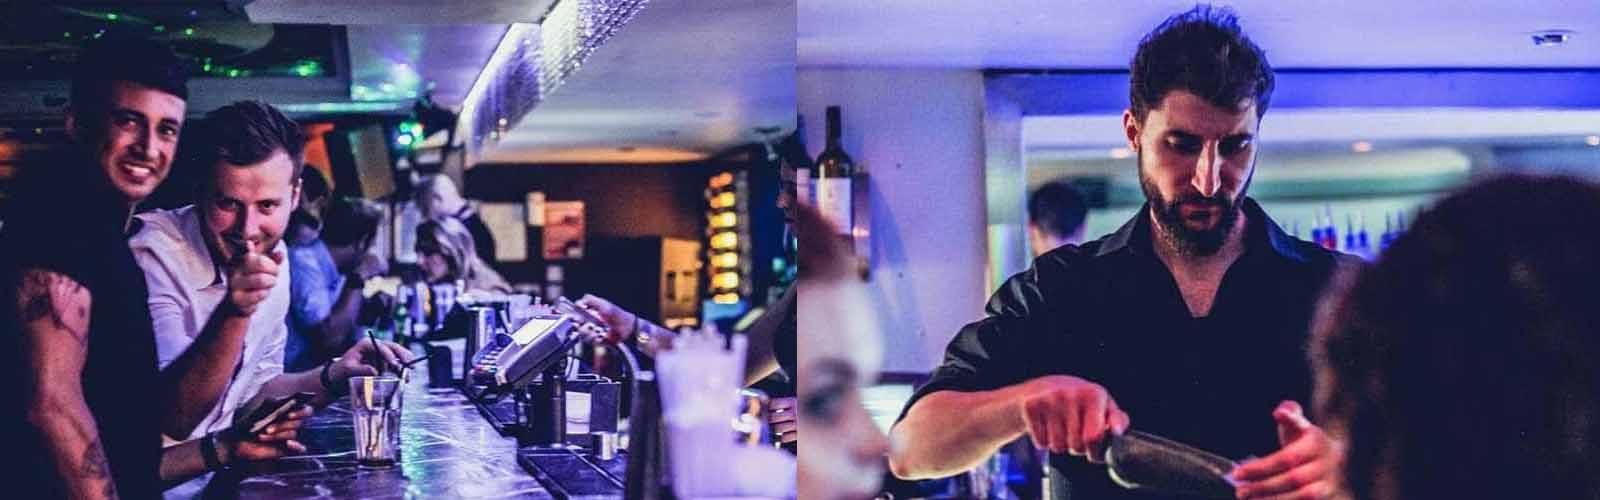 Verwacht een avond met de lekkerste drankjes en hitjes bij Nachtclub Ruby Blue